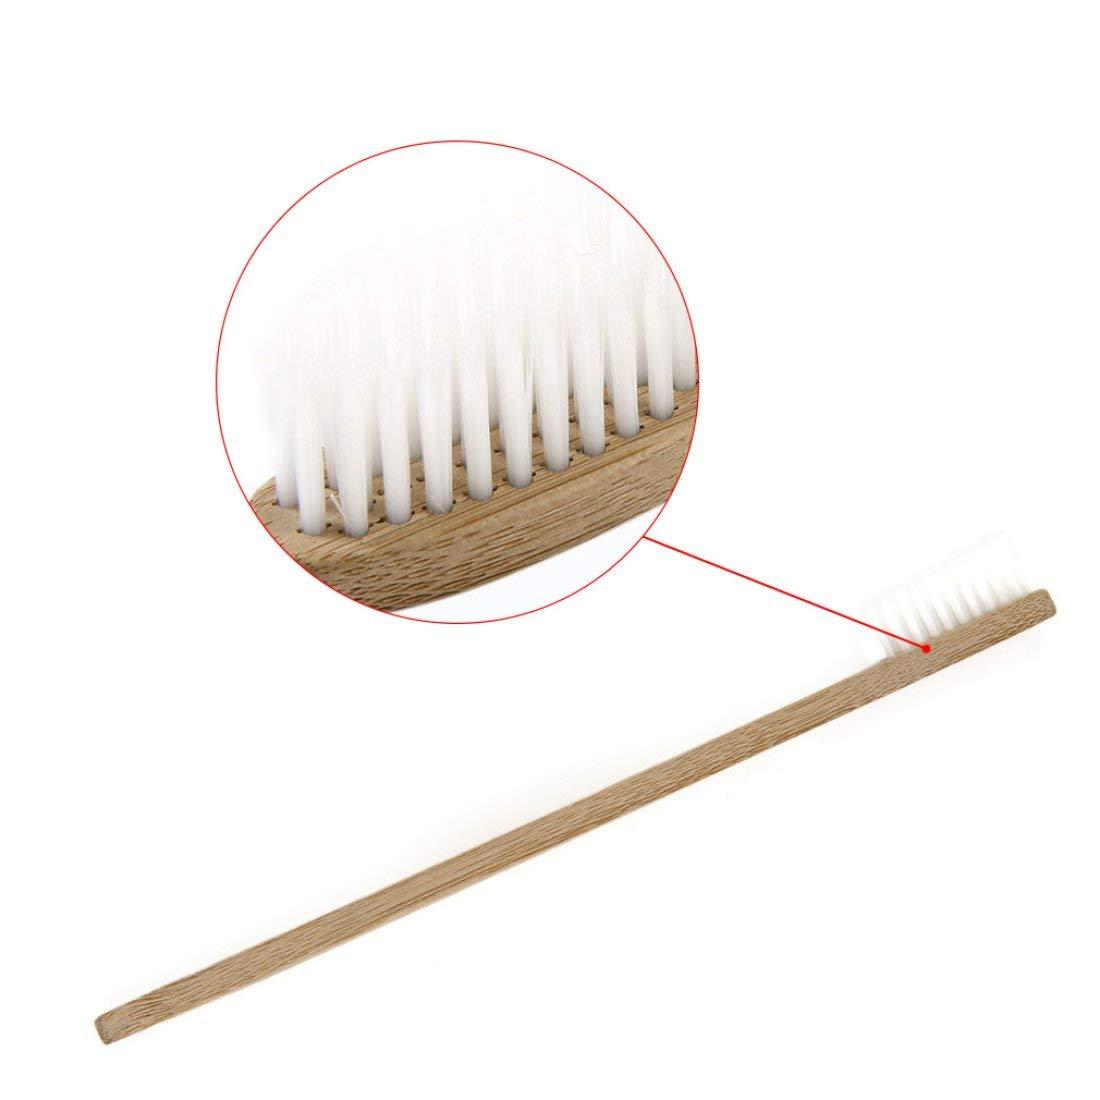 drf8090w-eop Cepillo de Dientes de Madera ecol/ógico Cepillo de Dientes de bamb/ú Fibra de bamb/ú Suave